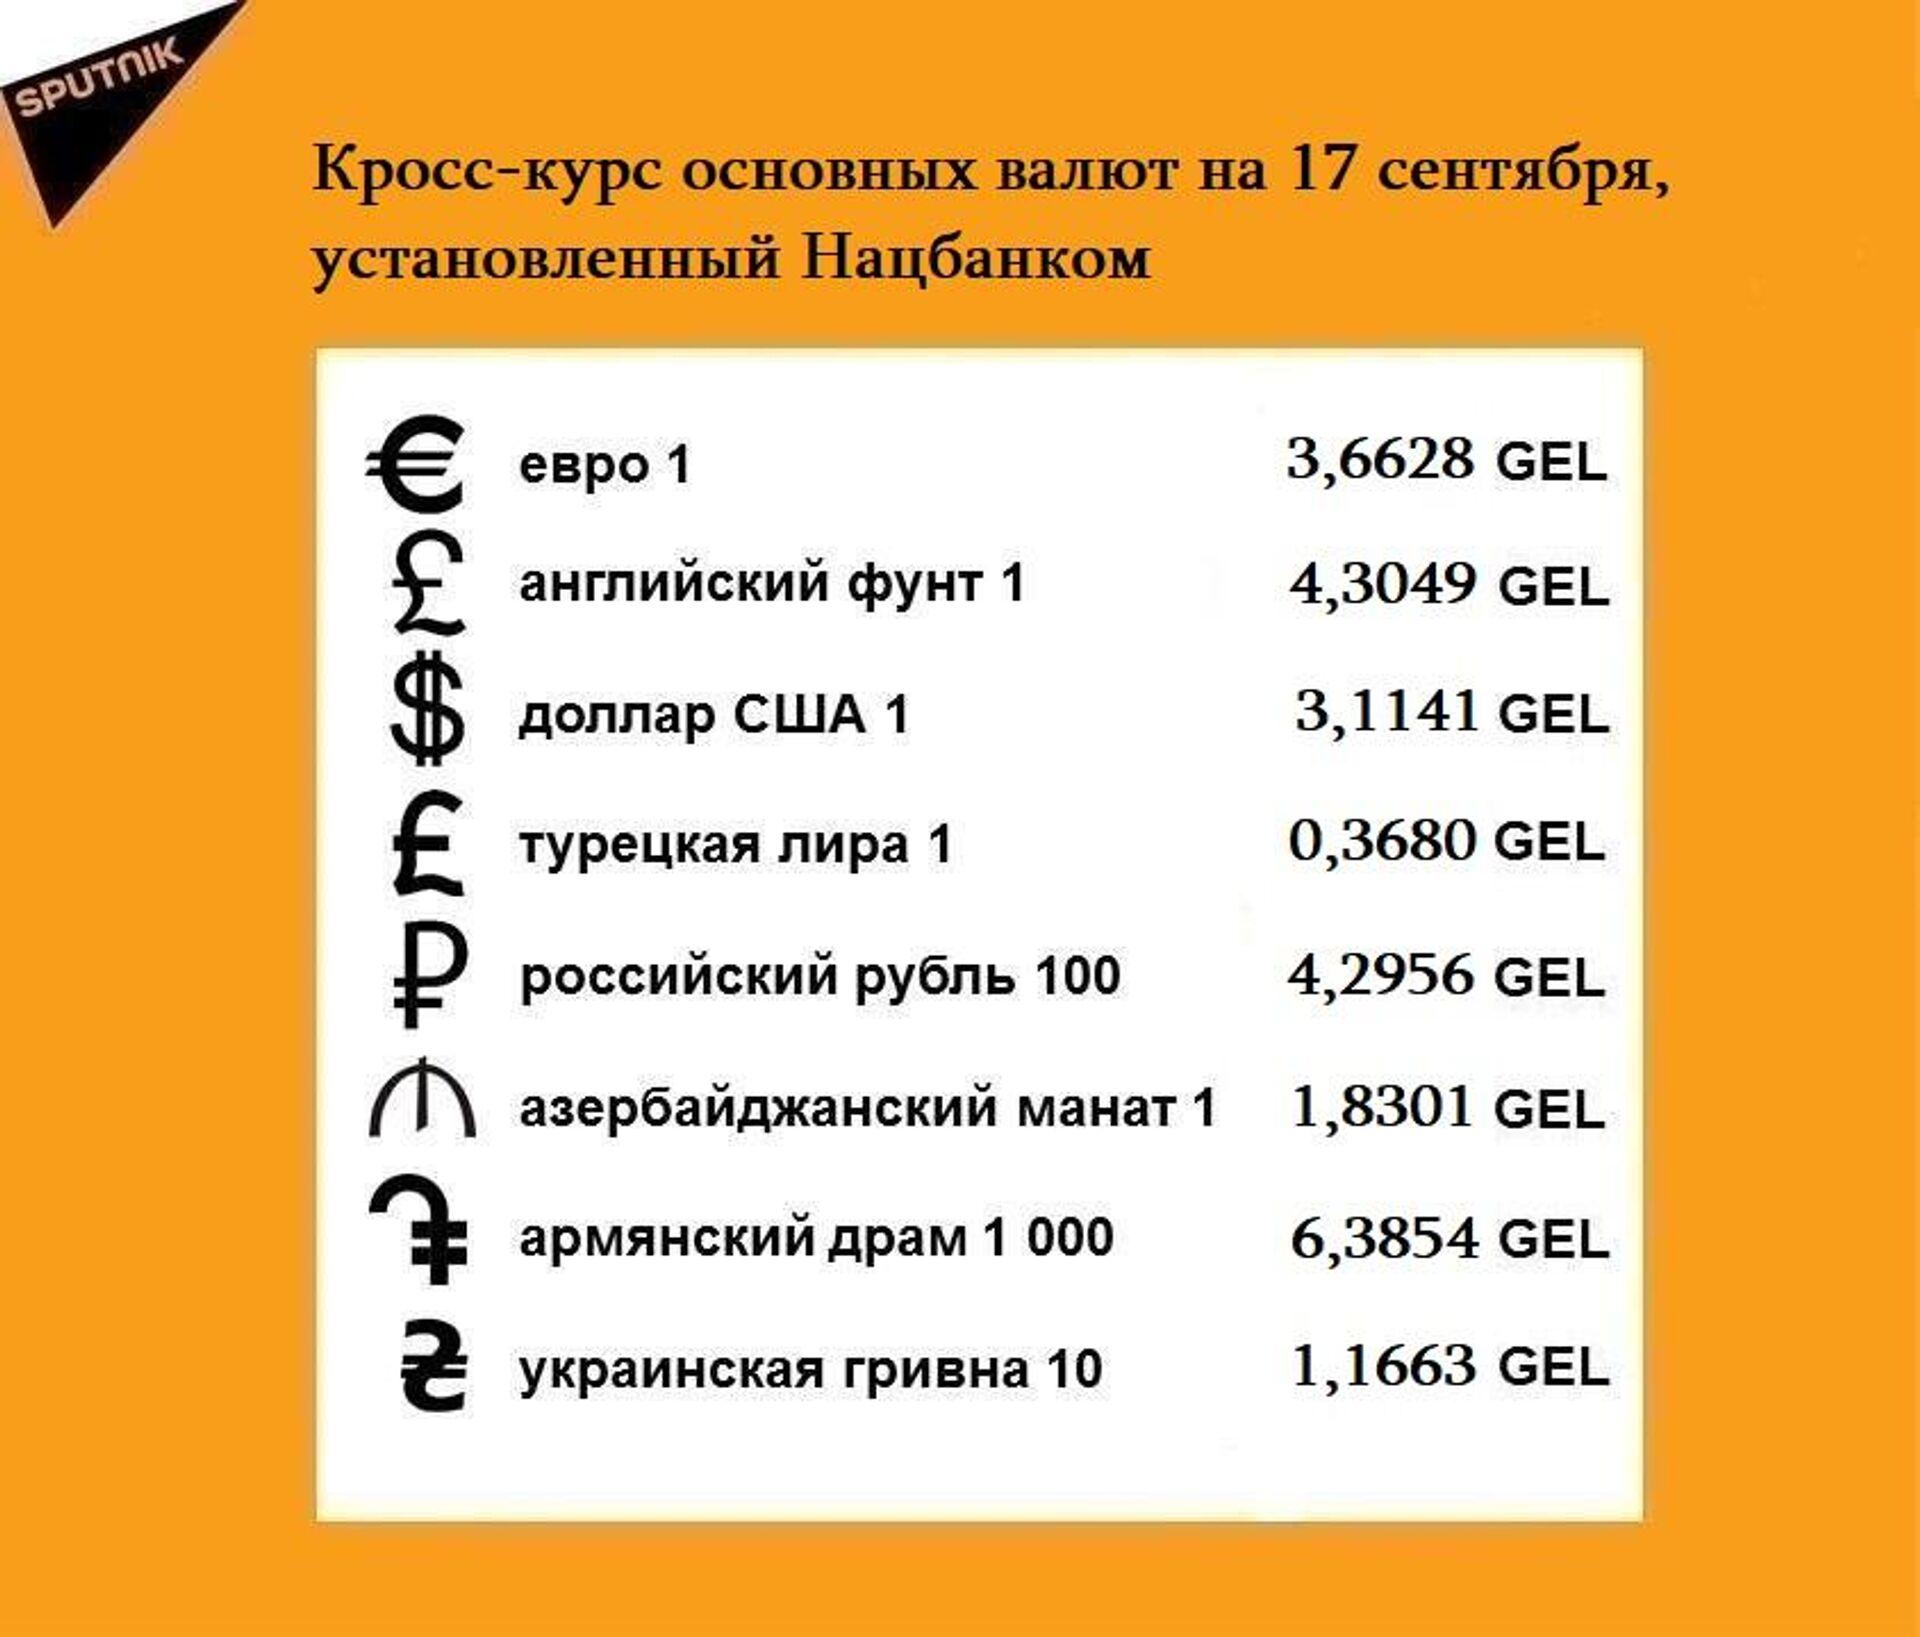 Кросс-курс основных валют на 17 сентября - Sputnik Грузия, 1920, 16.09.2021